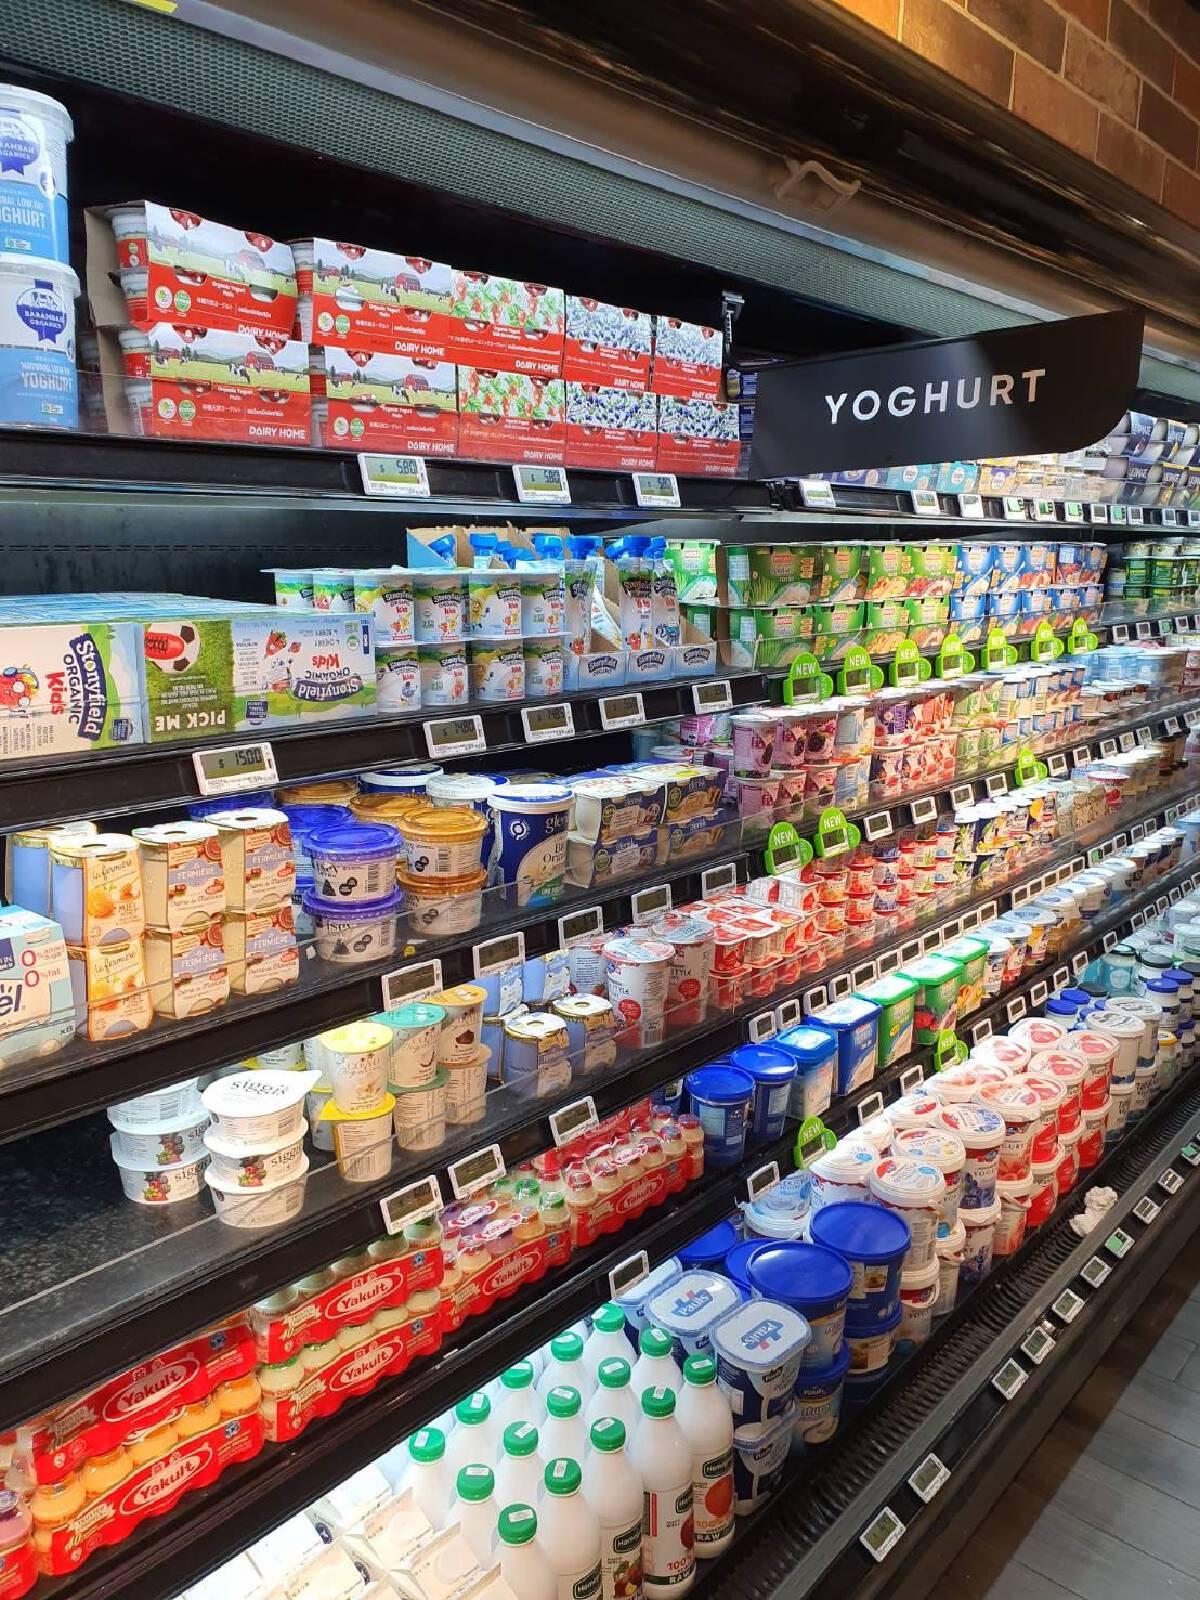 FTA แจ่ม แบรนด์นมไทย 'แดรี่โฮม' วางขายซูเปอร์มาร์เก็ตสิงคโปร์สำเร็จ